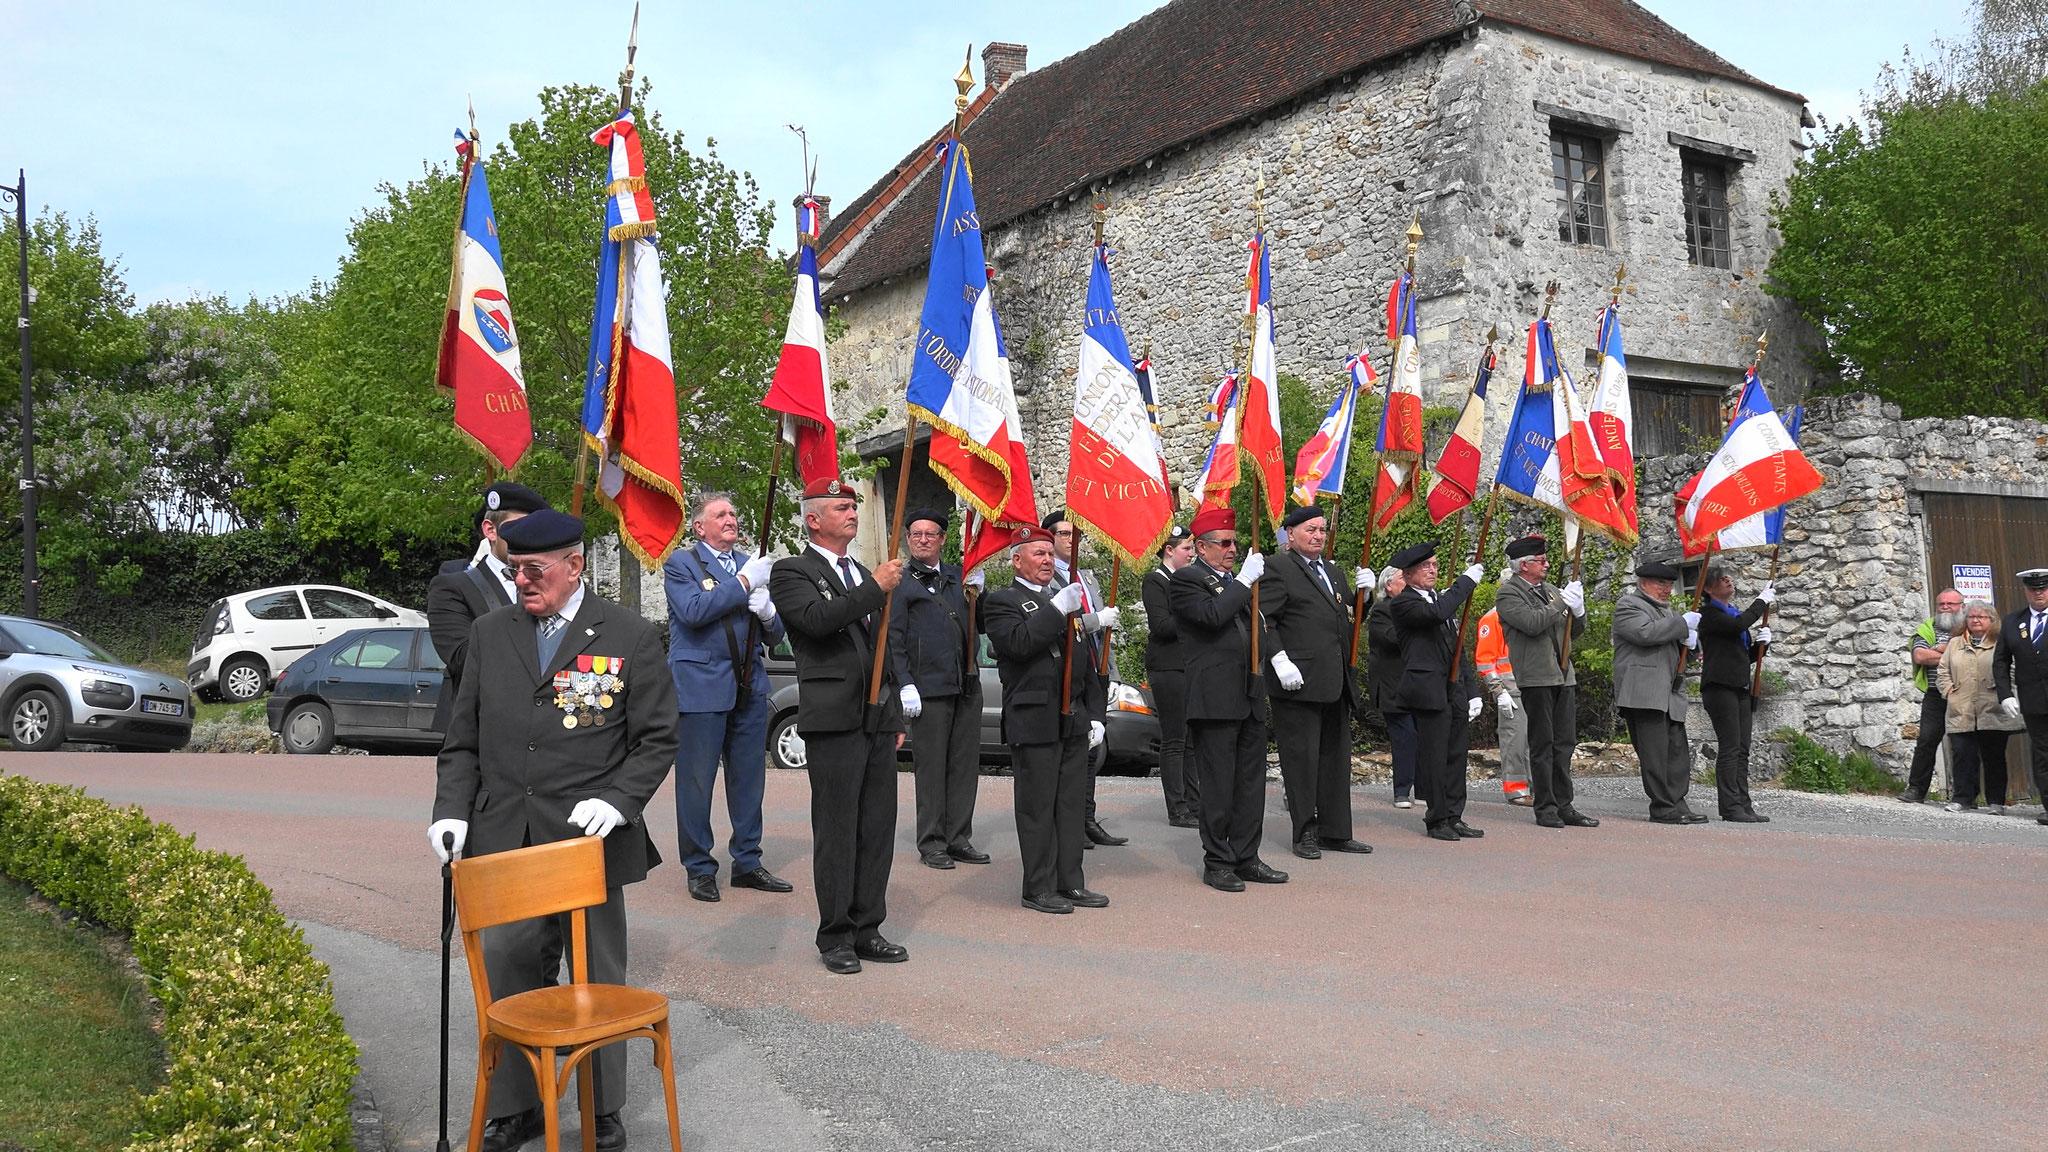 Les porte-drapeaux des associations patriotiques et d'anciens combattants sous les ordres de Georges Pottier.